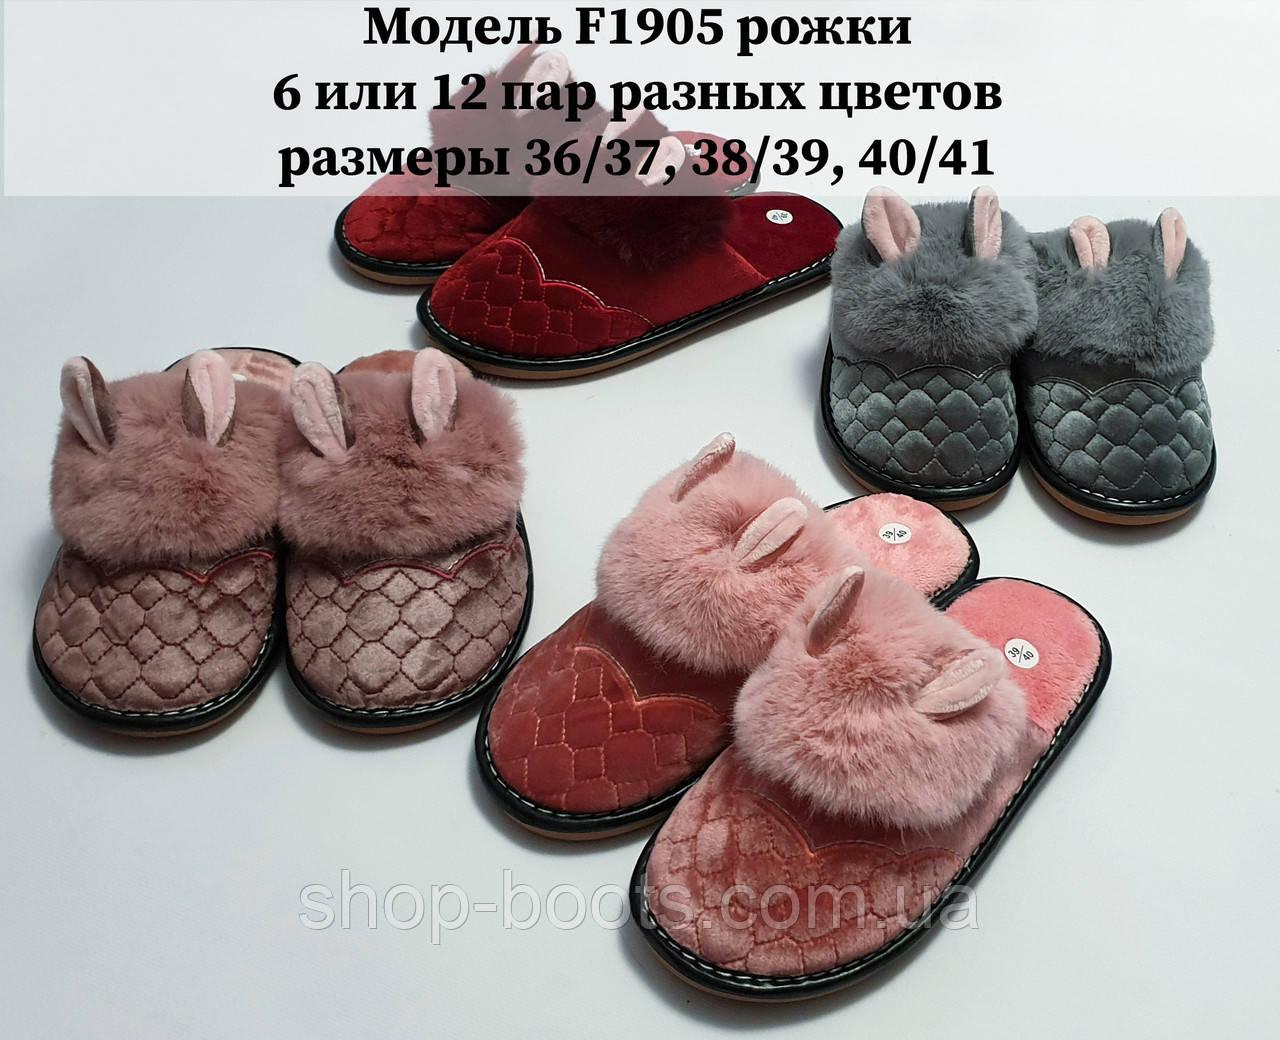 Жіночі тапочки оптом. 37-42рр. Модель тапочки F1905 ріжки